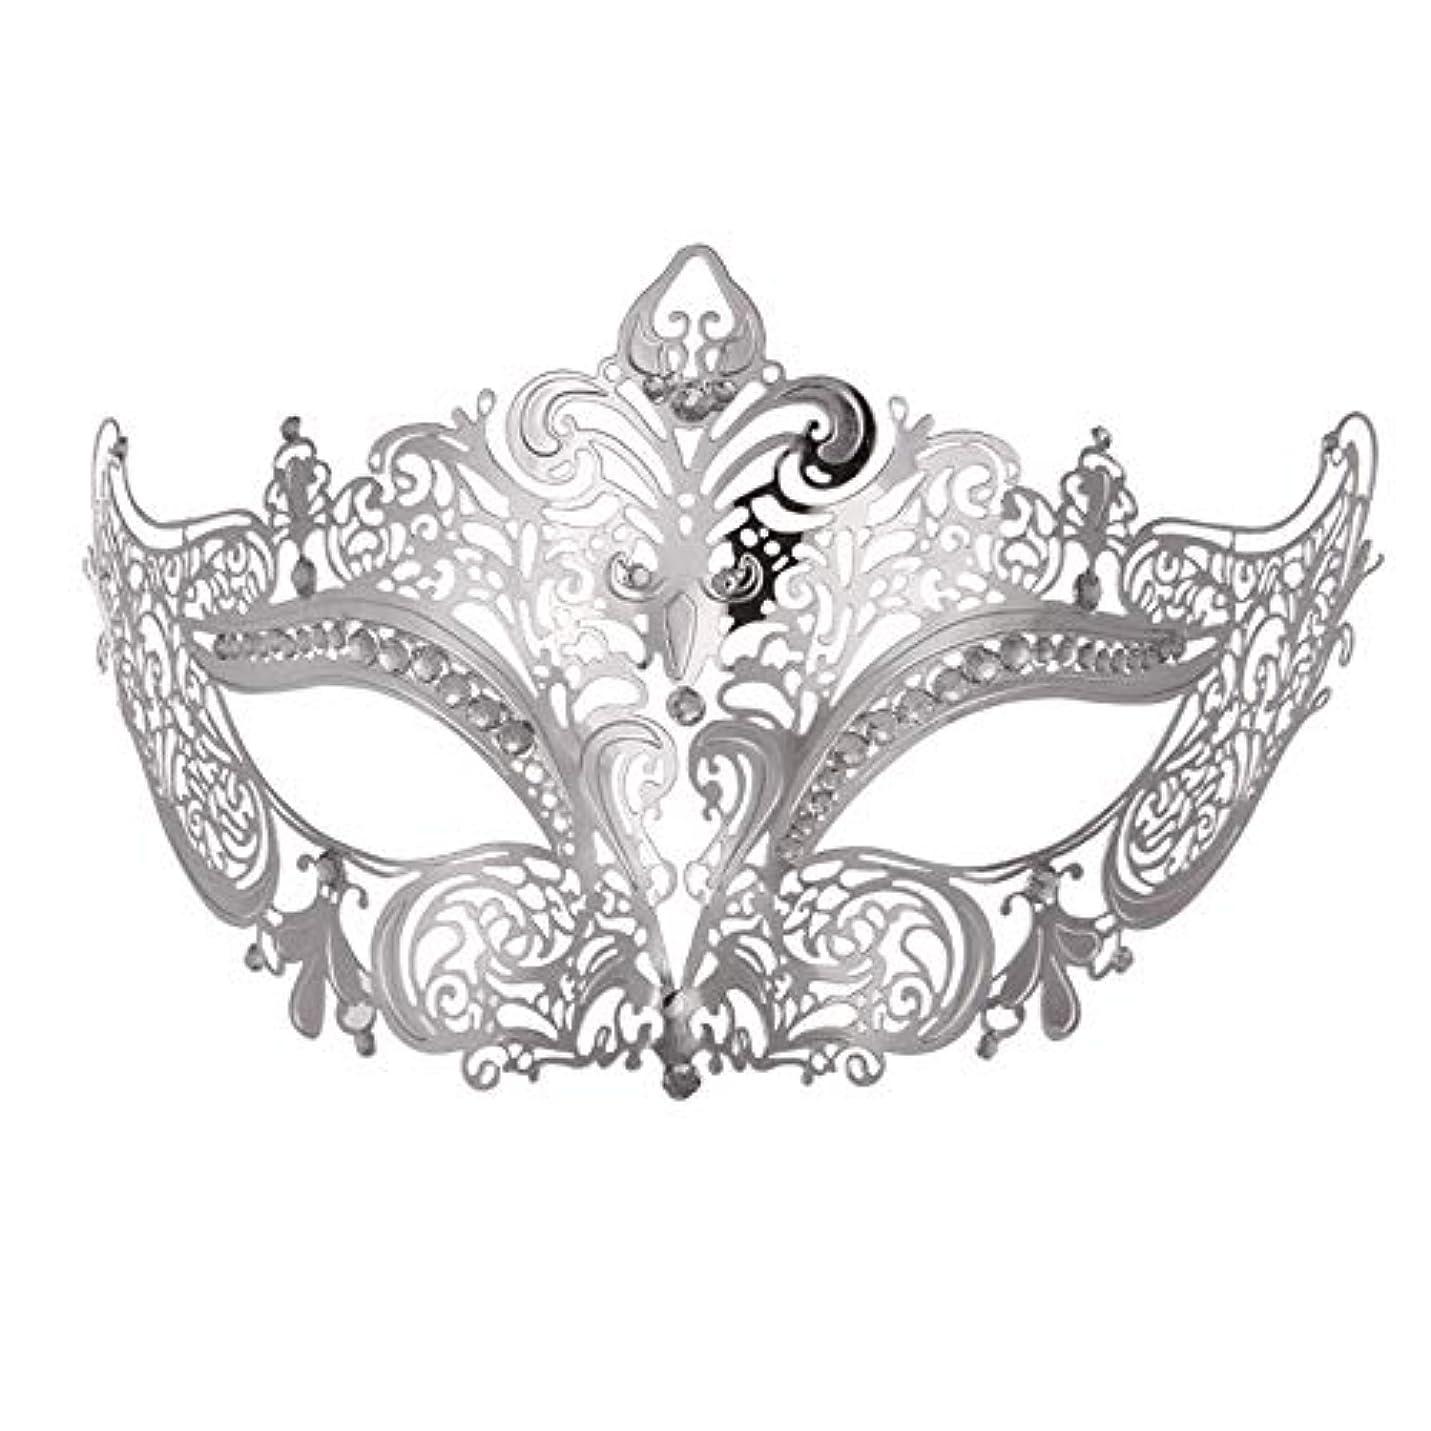 逮捕騙す残り物ダンスマスク 高級金メッキ銀マスク仮装小道具ロールプレイングナイトクラブパーティーマスク ホリデーパーティー用品 (色 : 銀, サイズ : Universal)